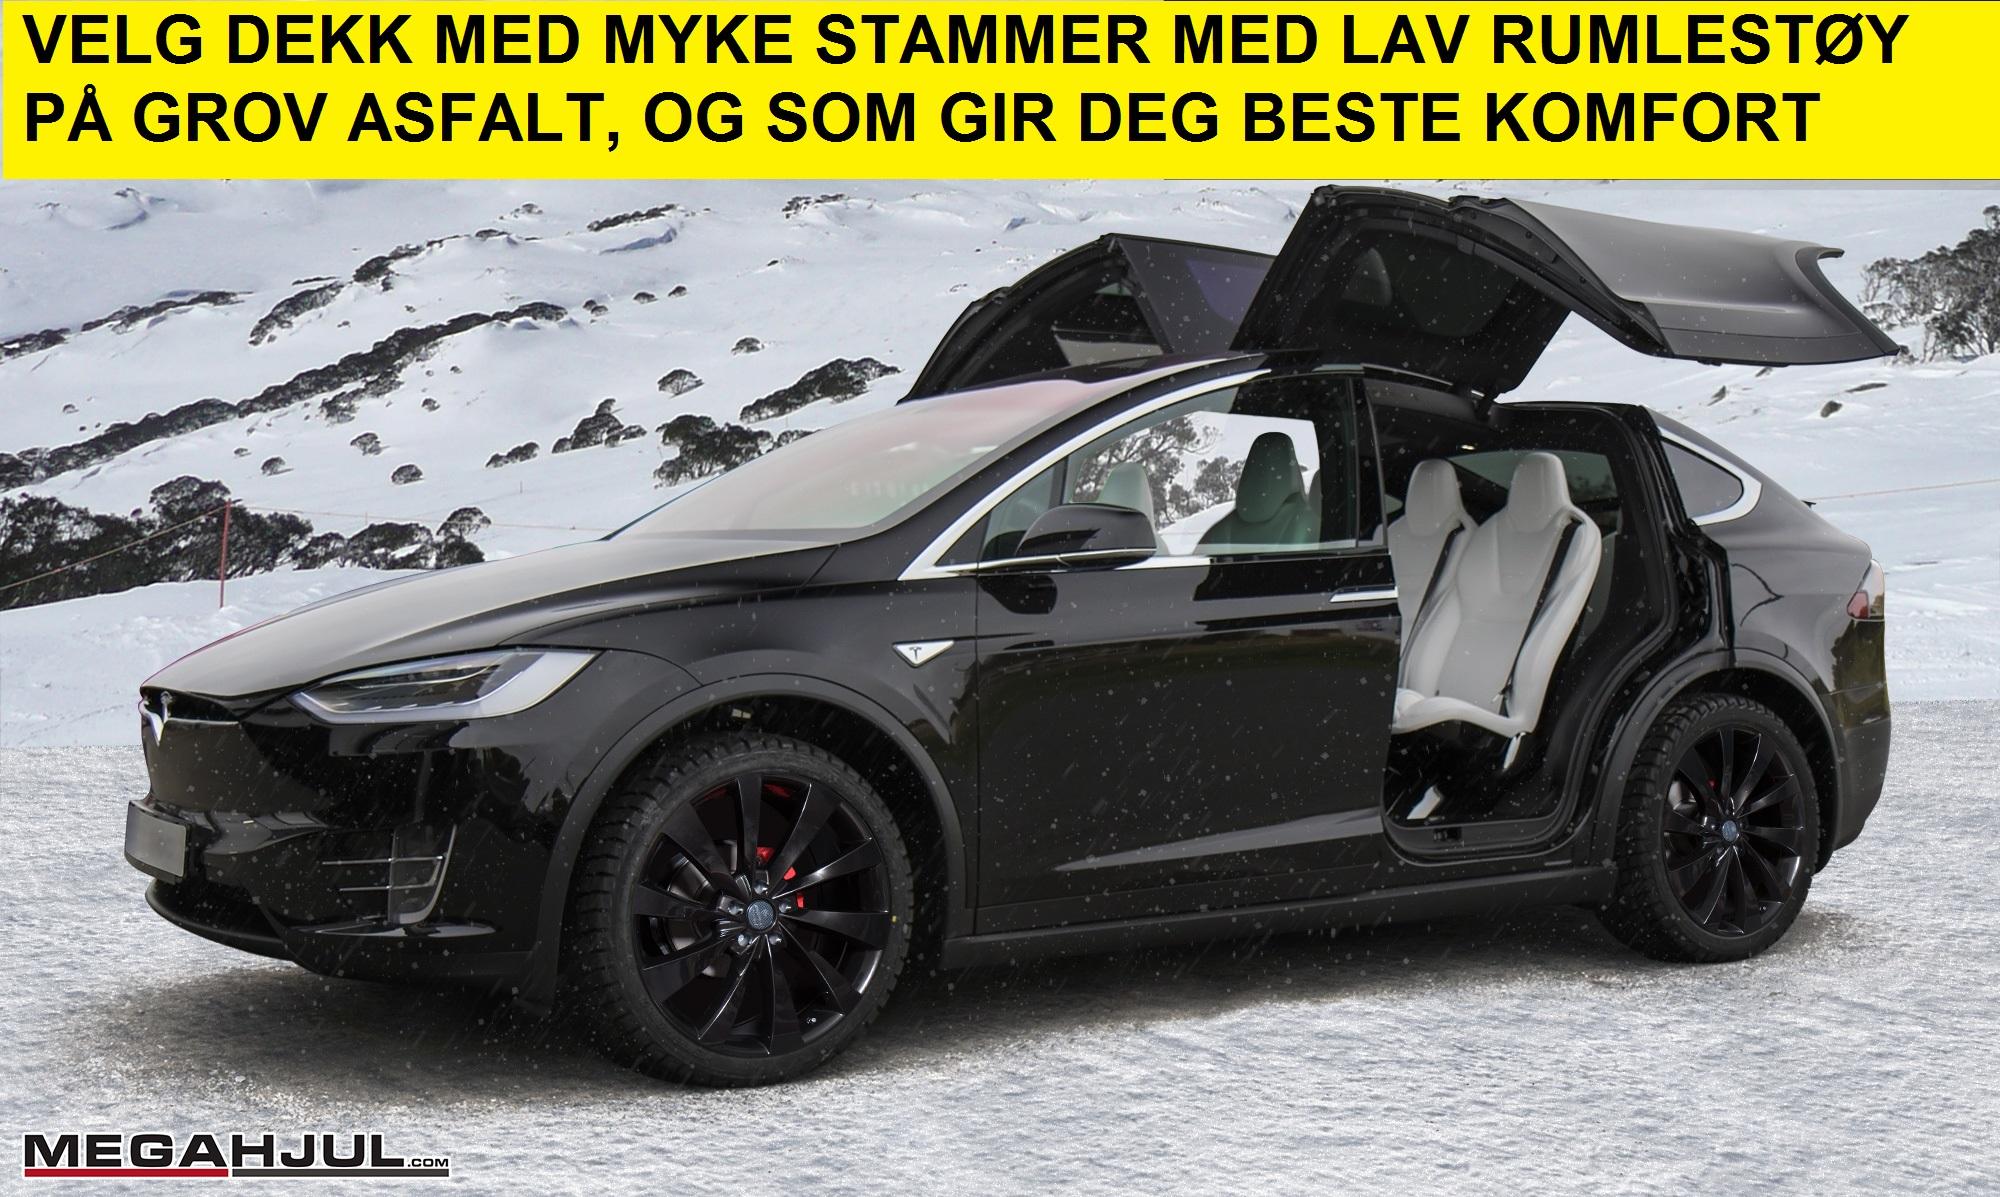 Tesla model X felger og sommerdekk anbefalinger